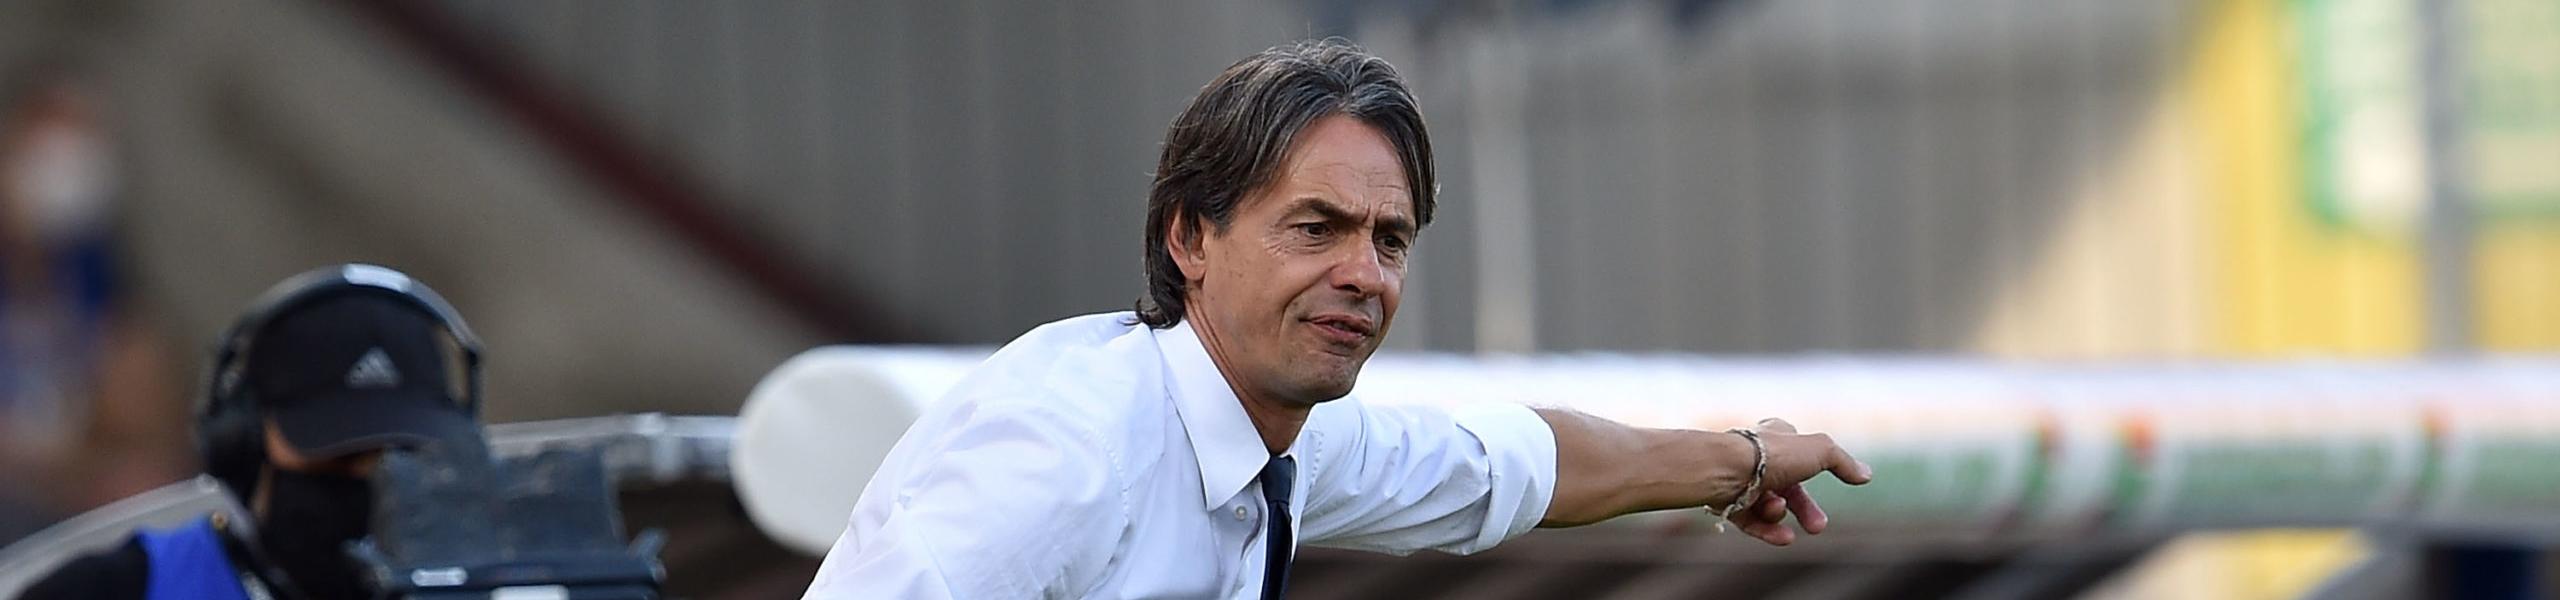 Benevento-Verona, Inzaghi cerca di uscire dalle sabbie mobili